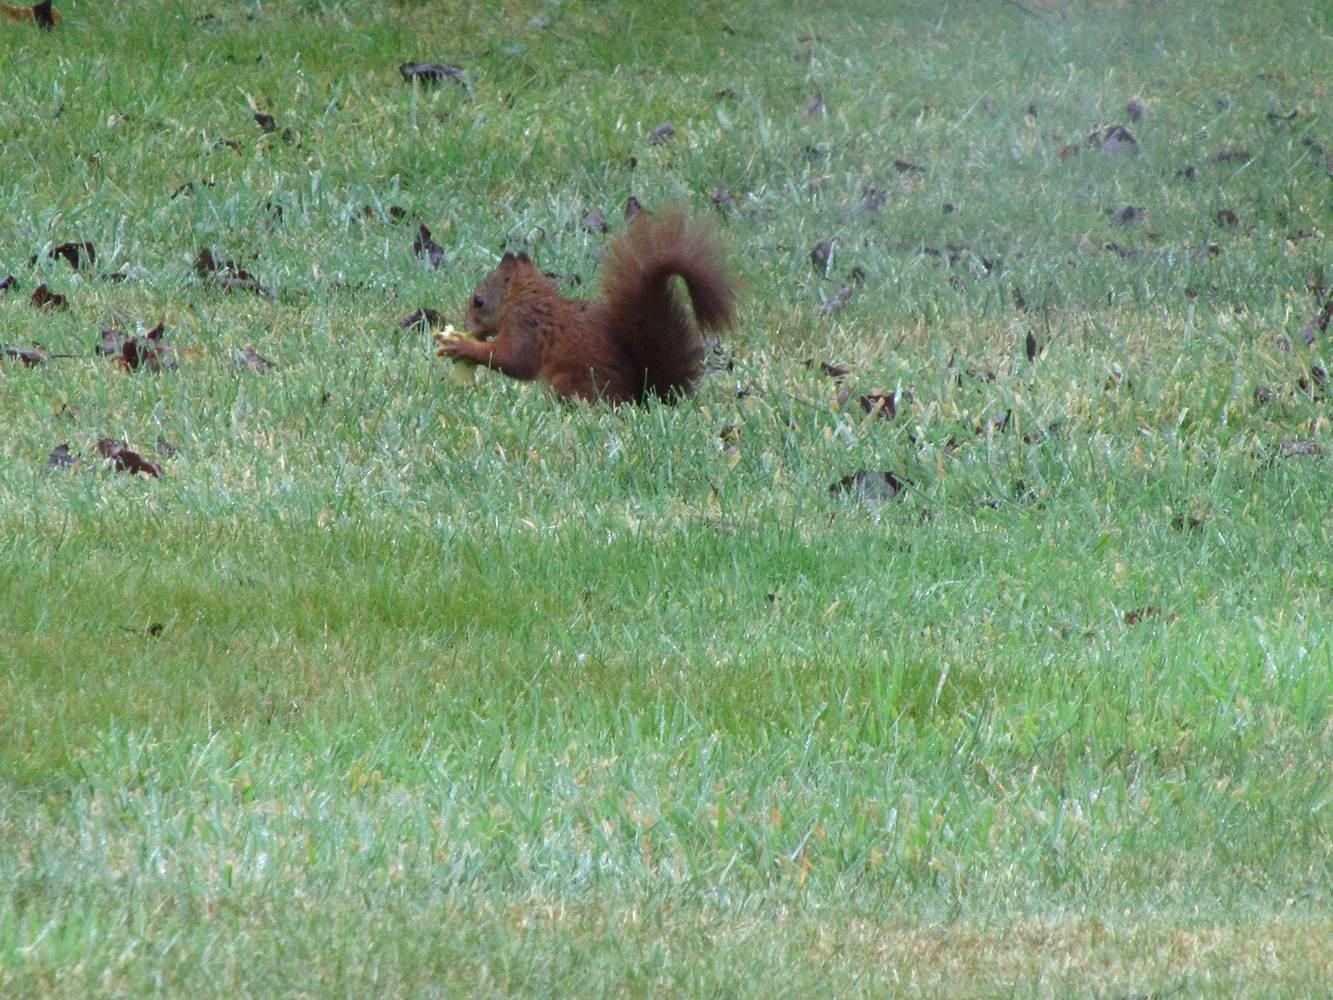 Un instant rare mais magique avec cet écureuil dans notre parc ©